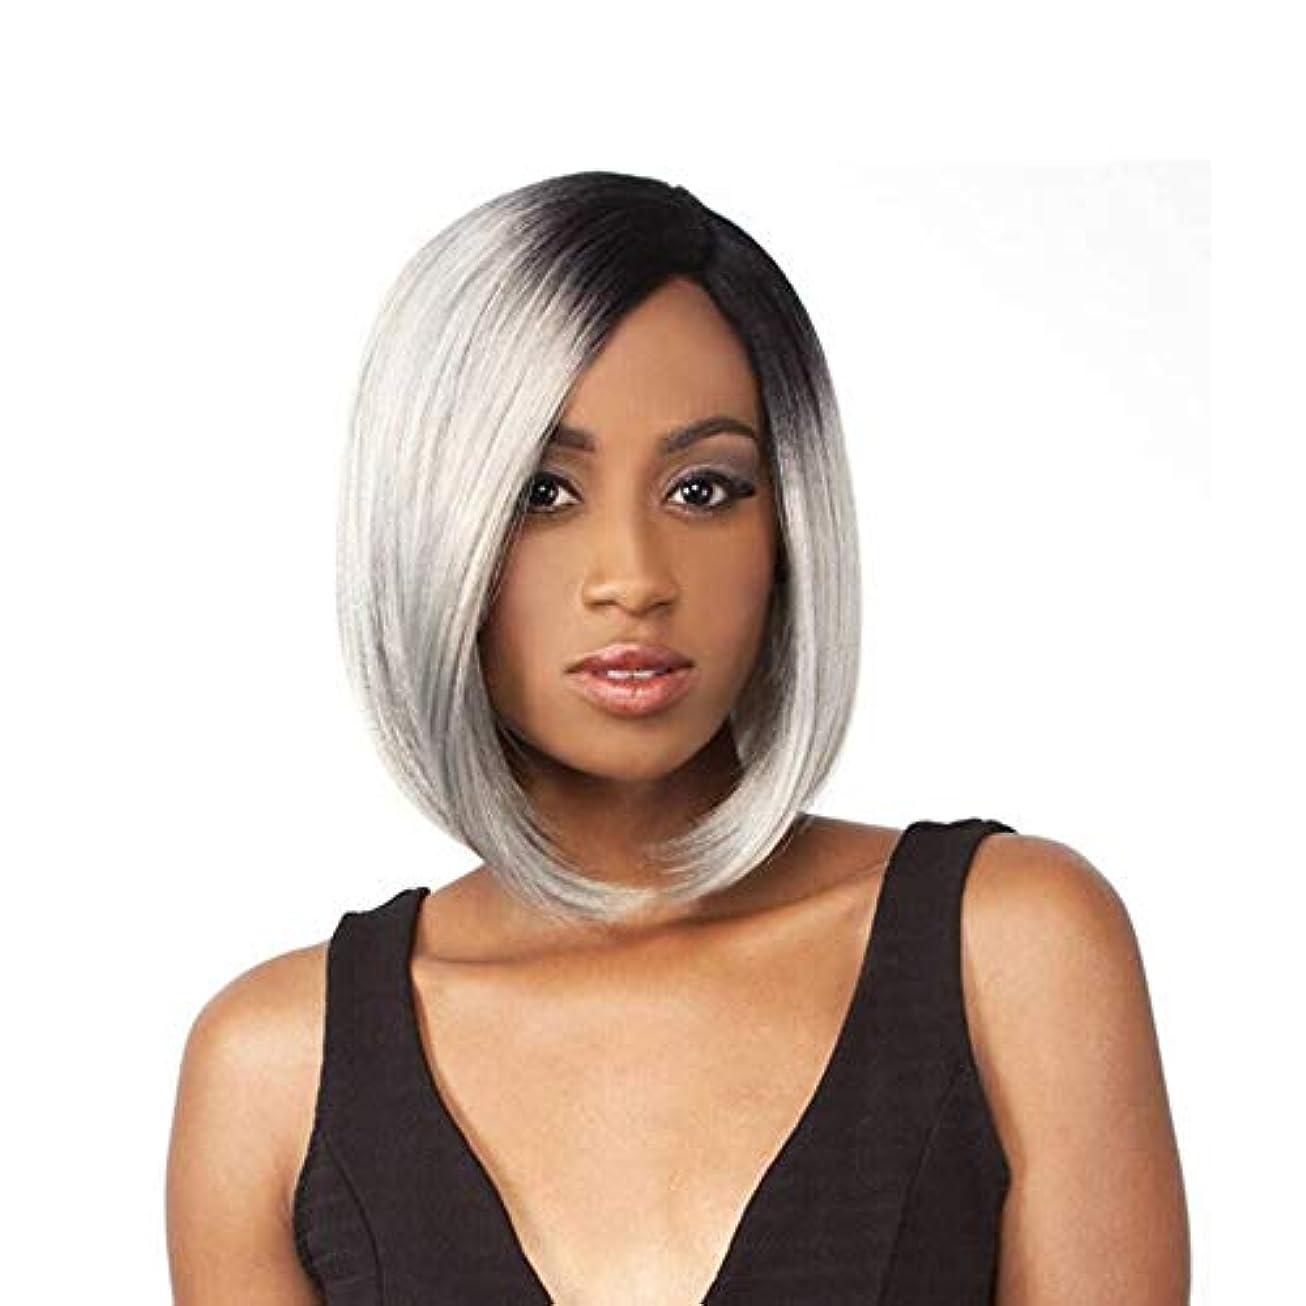 別れるアトラス無意識WASAIO 黒人女性の人間の髪のための無料キャップ高品質コスプレウィッグとの深いウェーブウィッグショートストレートウィッグシルバーグレー (色 : グレー)